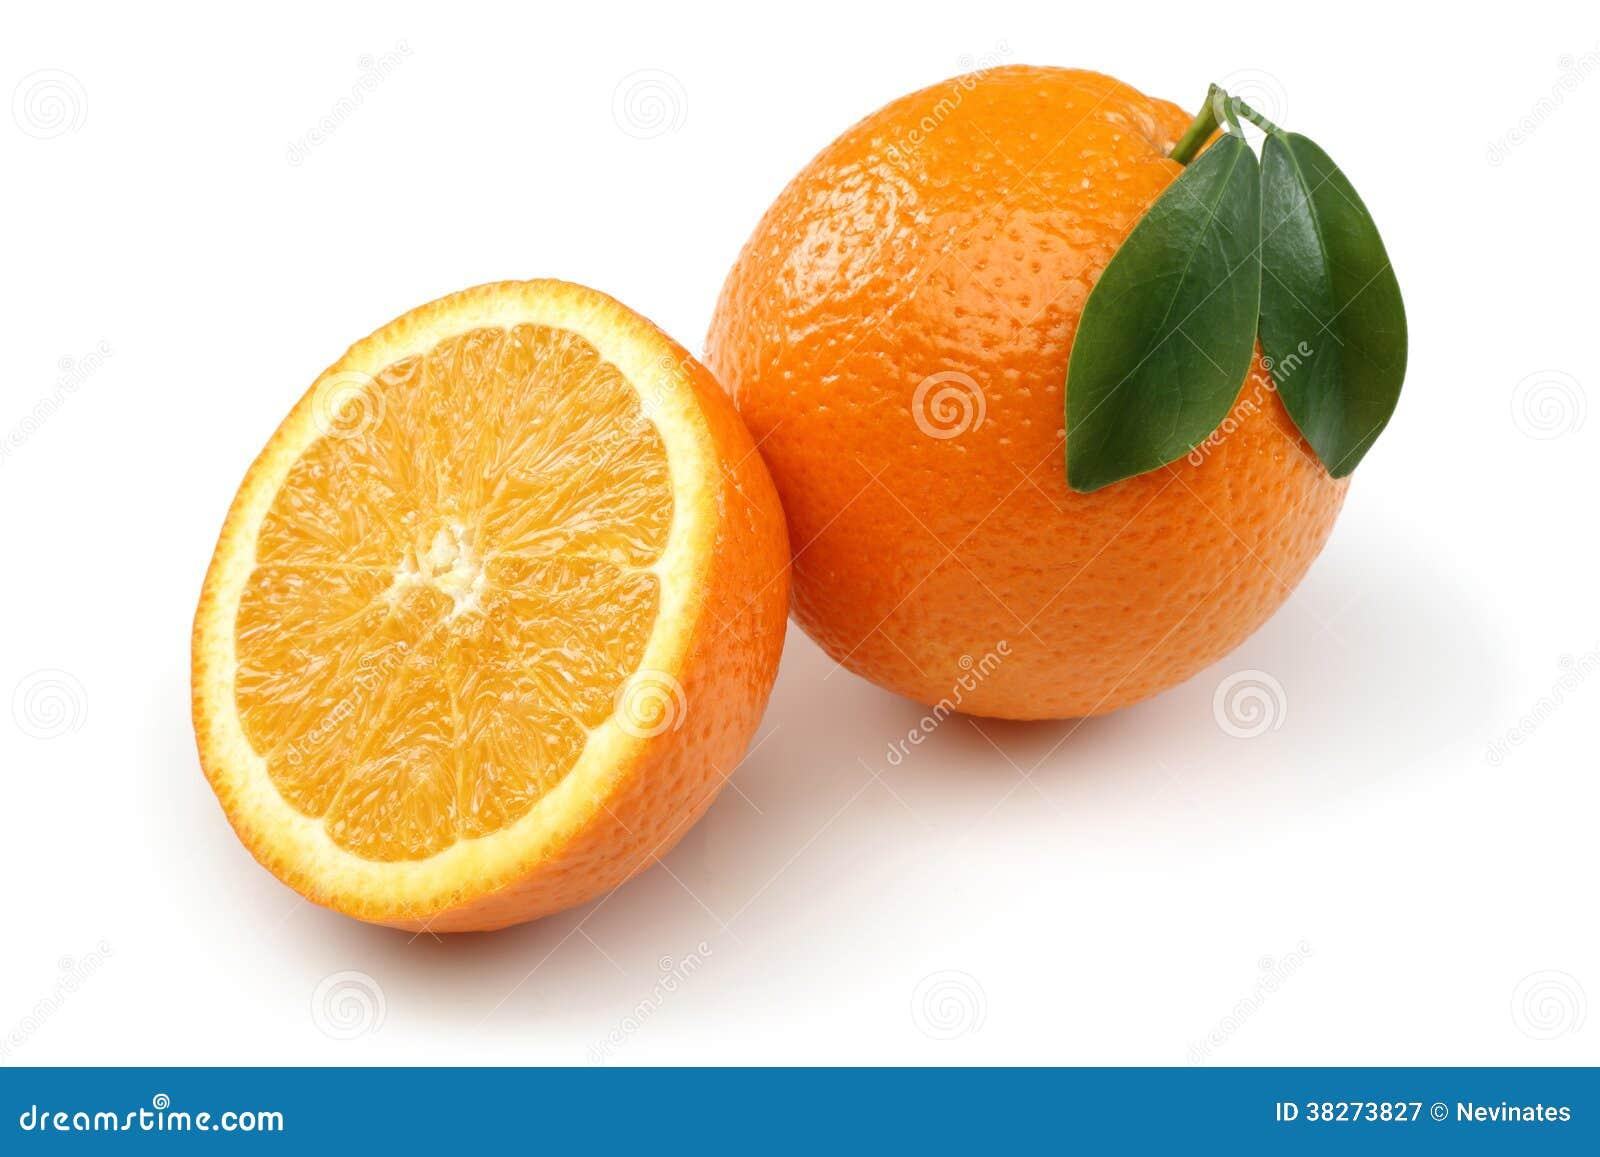 Halb orange und orange